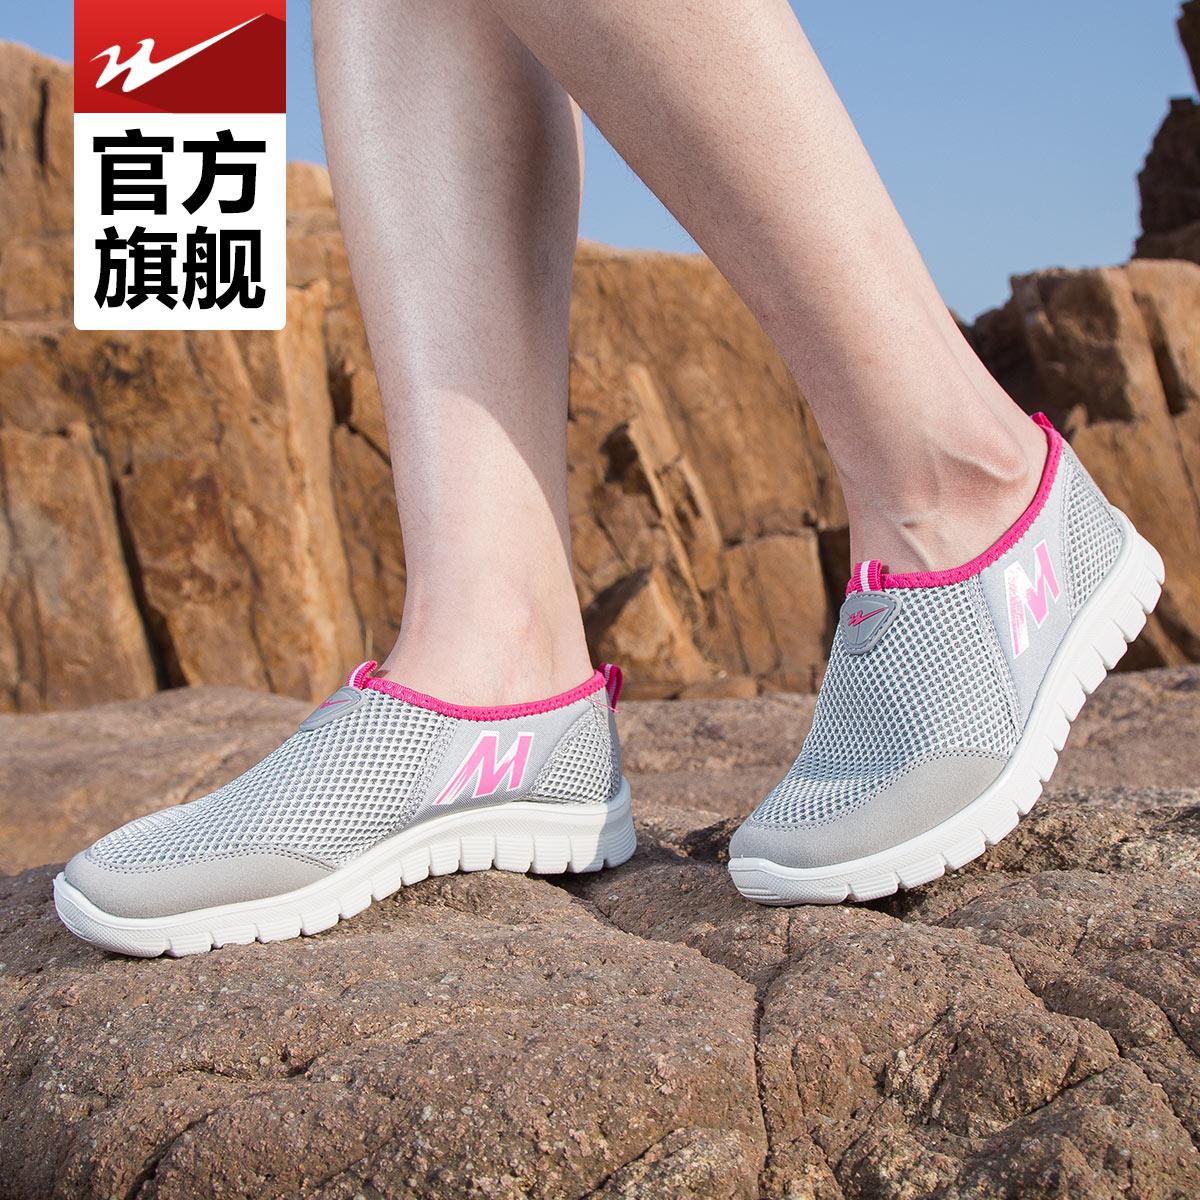 Đôi sao lưới giày của nam giới nhẹ thở giày thường của phụ nữ không trượt sốc board giày mặc lười biếng bộ chân giày vài mô hình